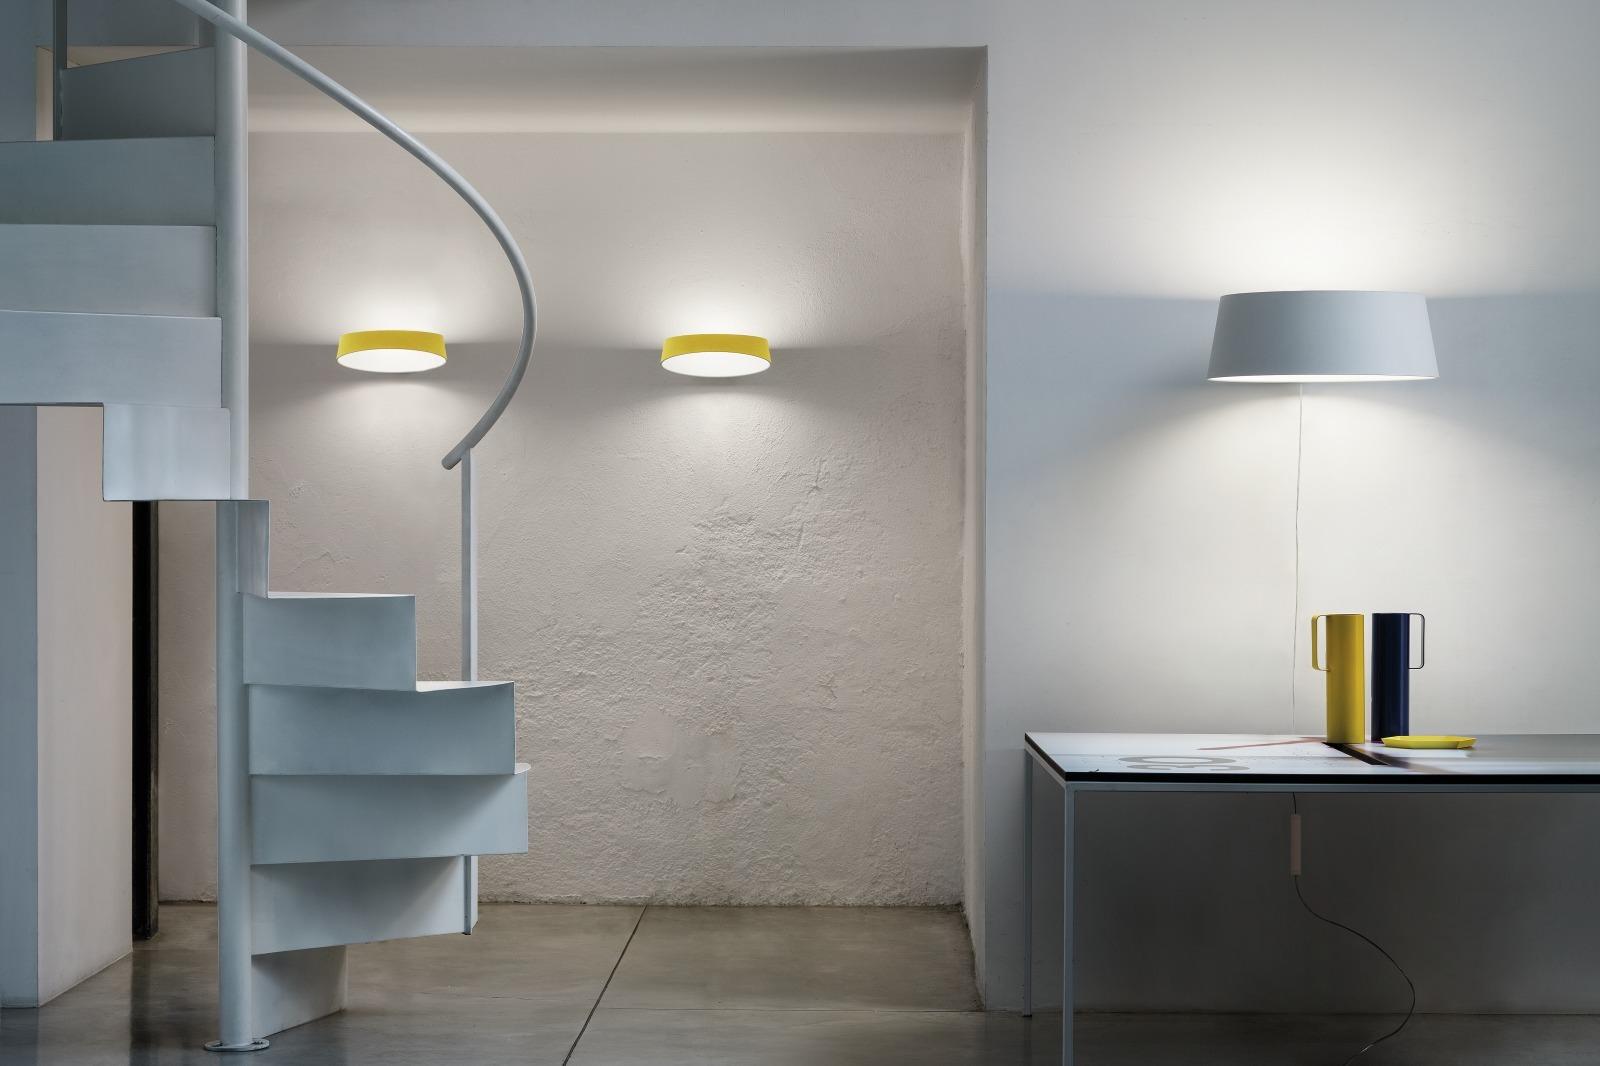 Lampada a led di design con paralume circolare oxygen di linea